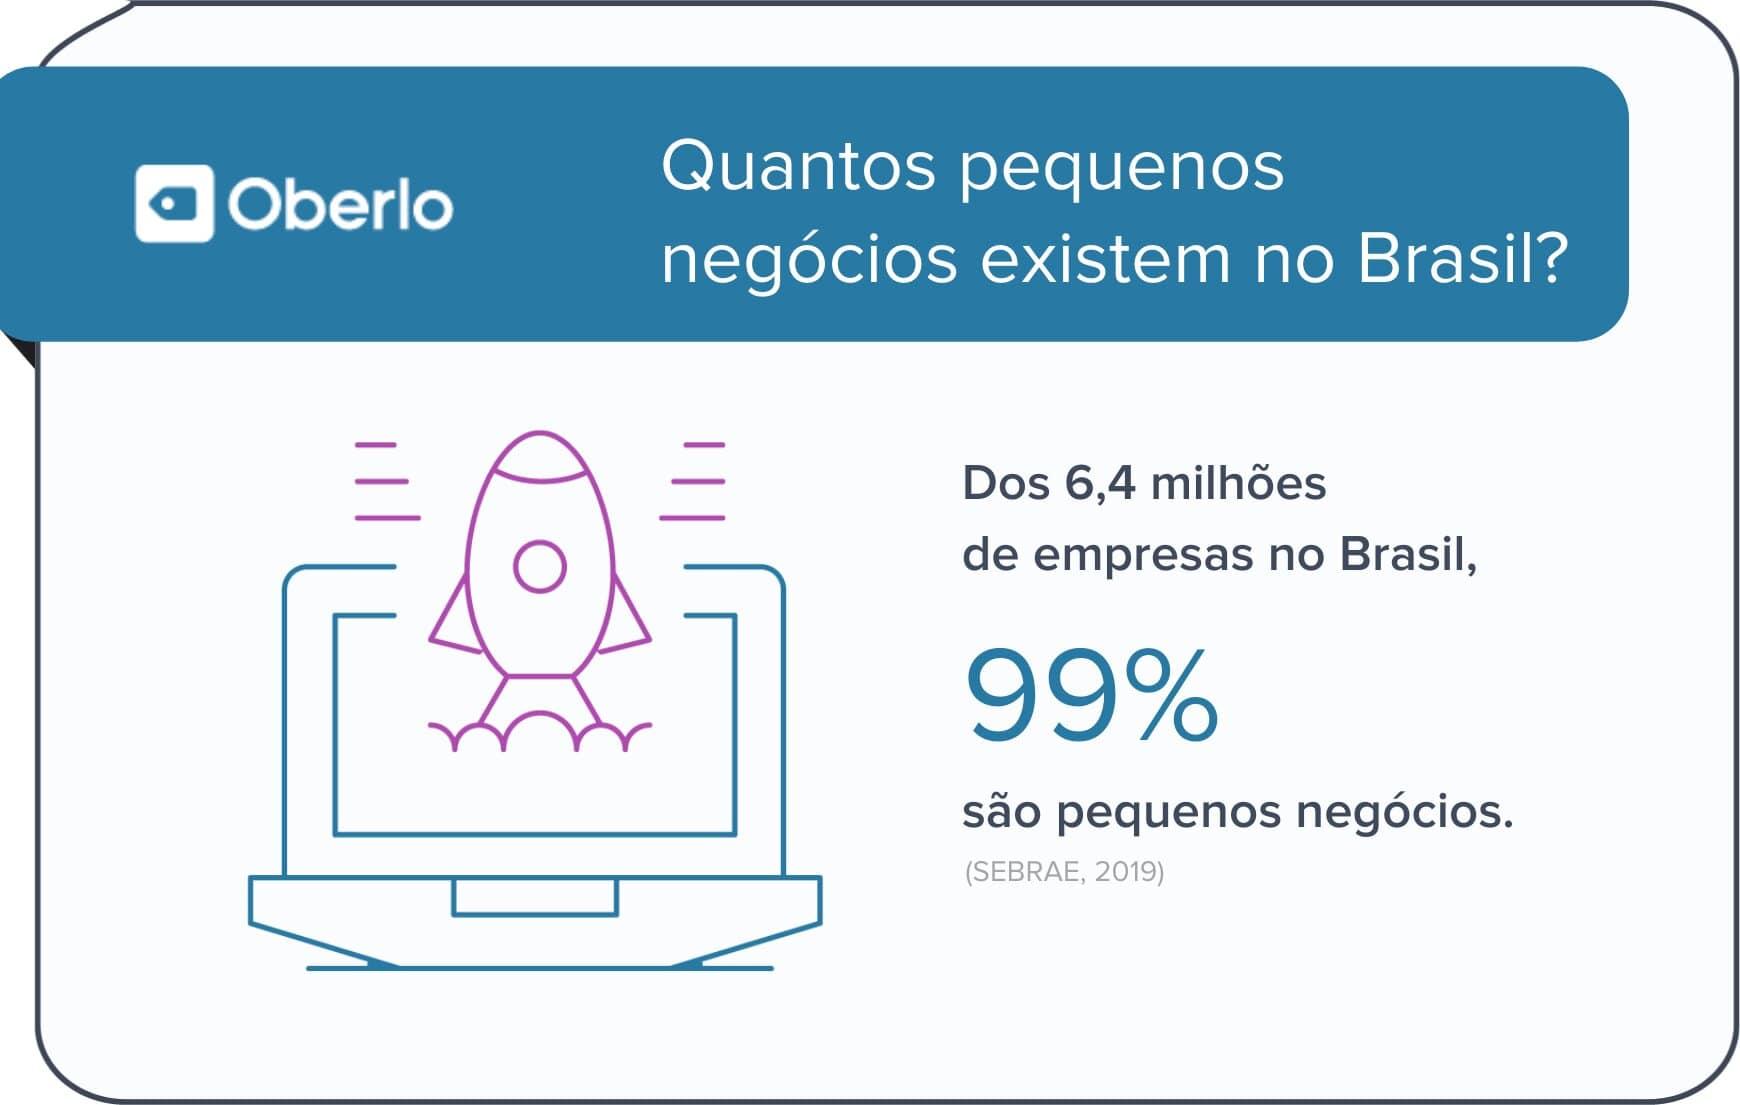 Quantos pequenos negócios existem no Brasil?